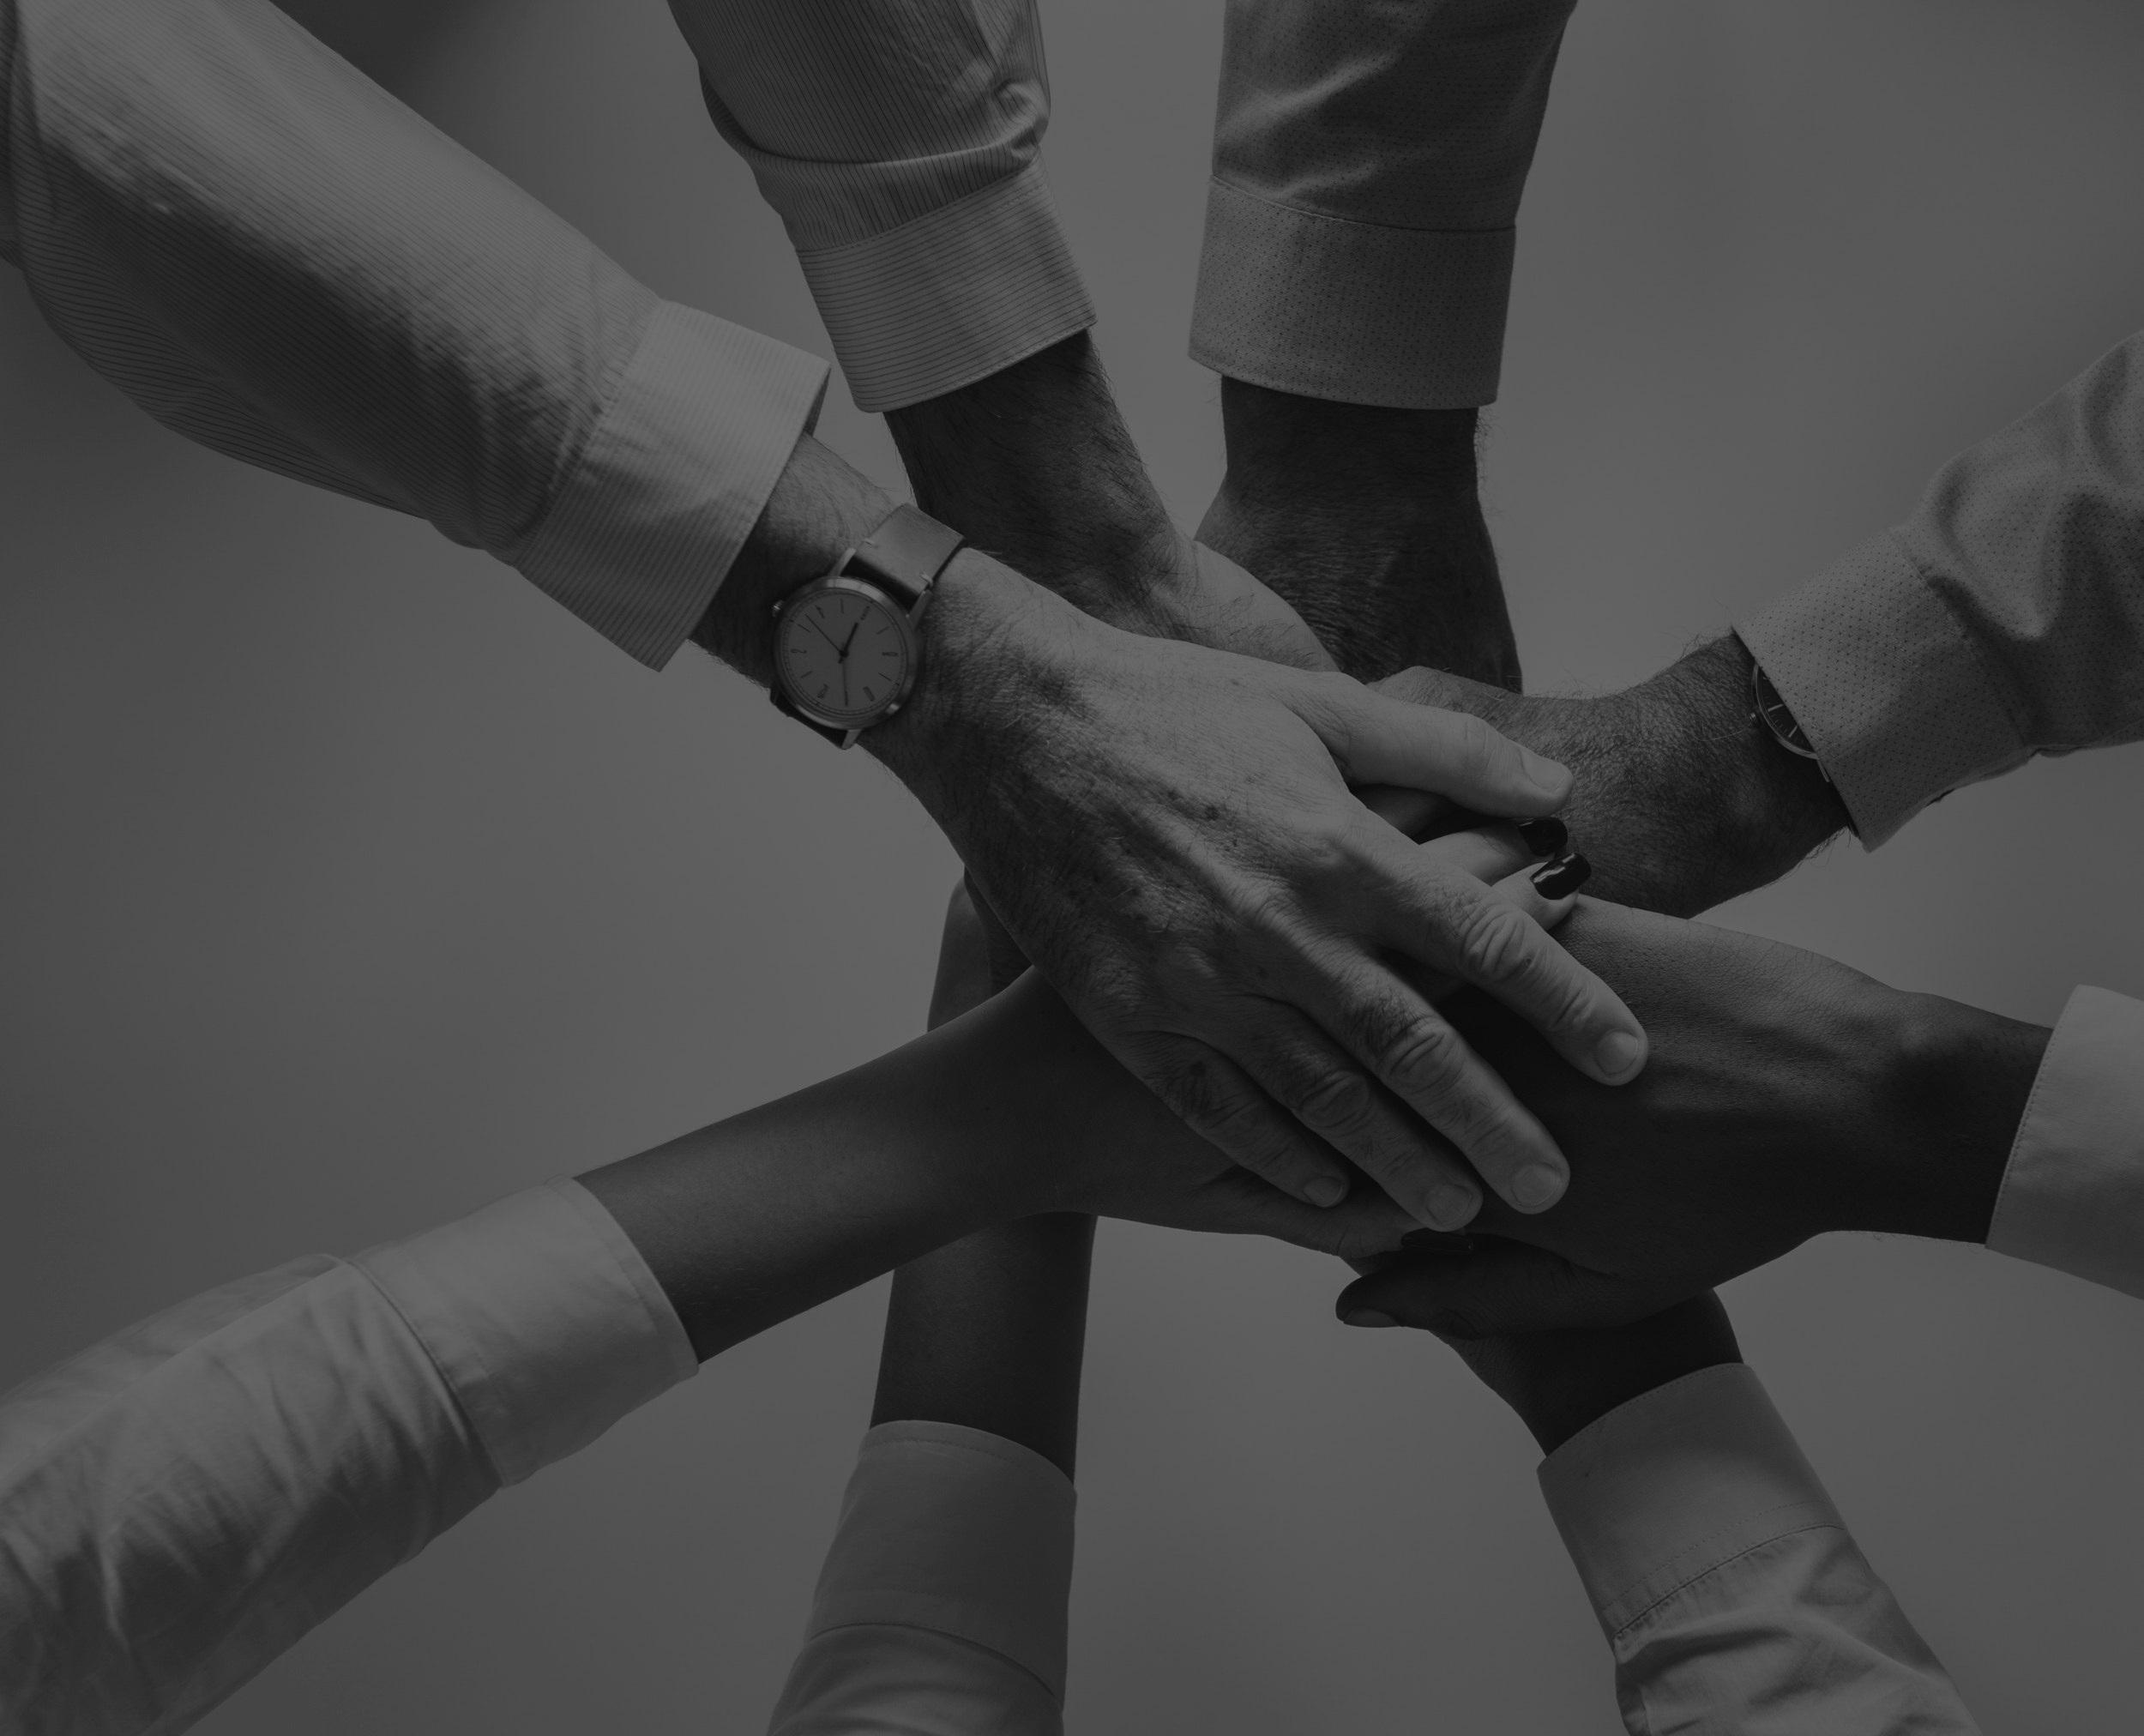 Ética é um valor inegociável para a condução de nossos negócios